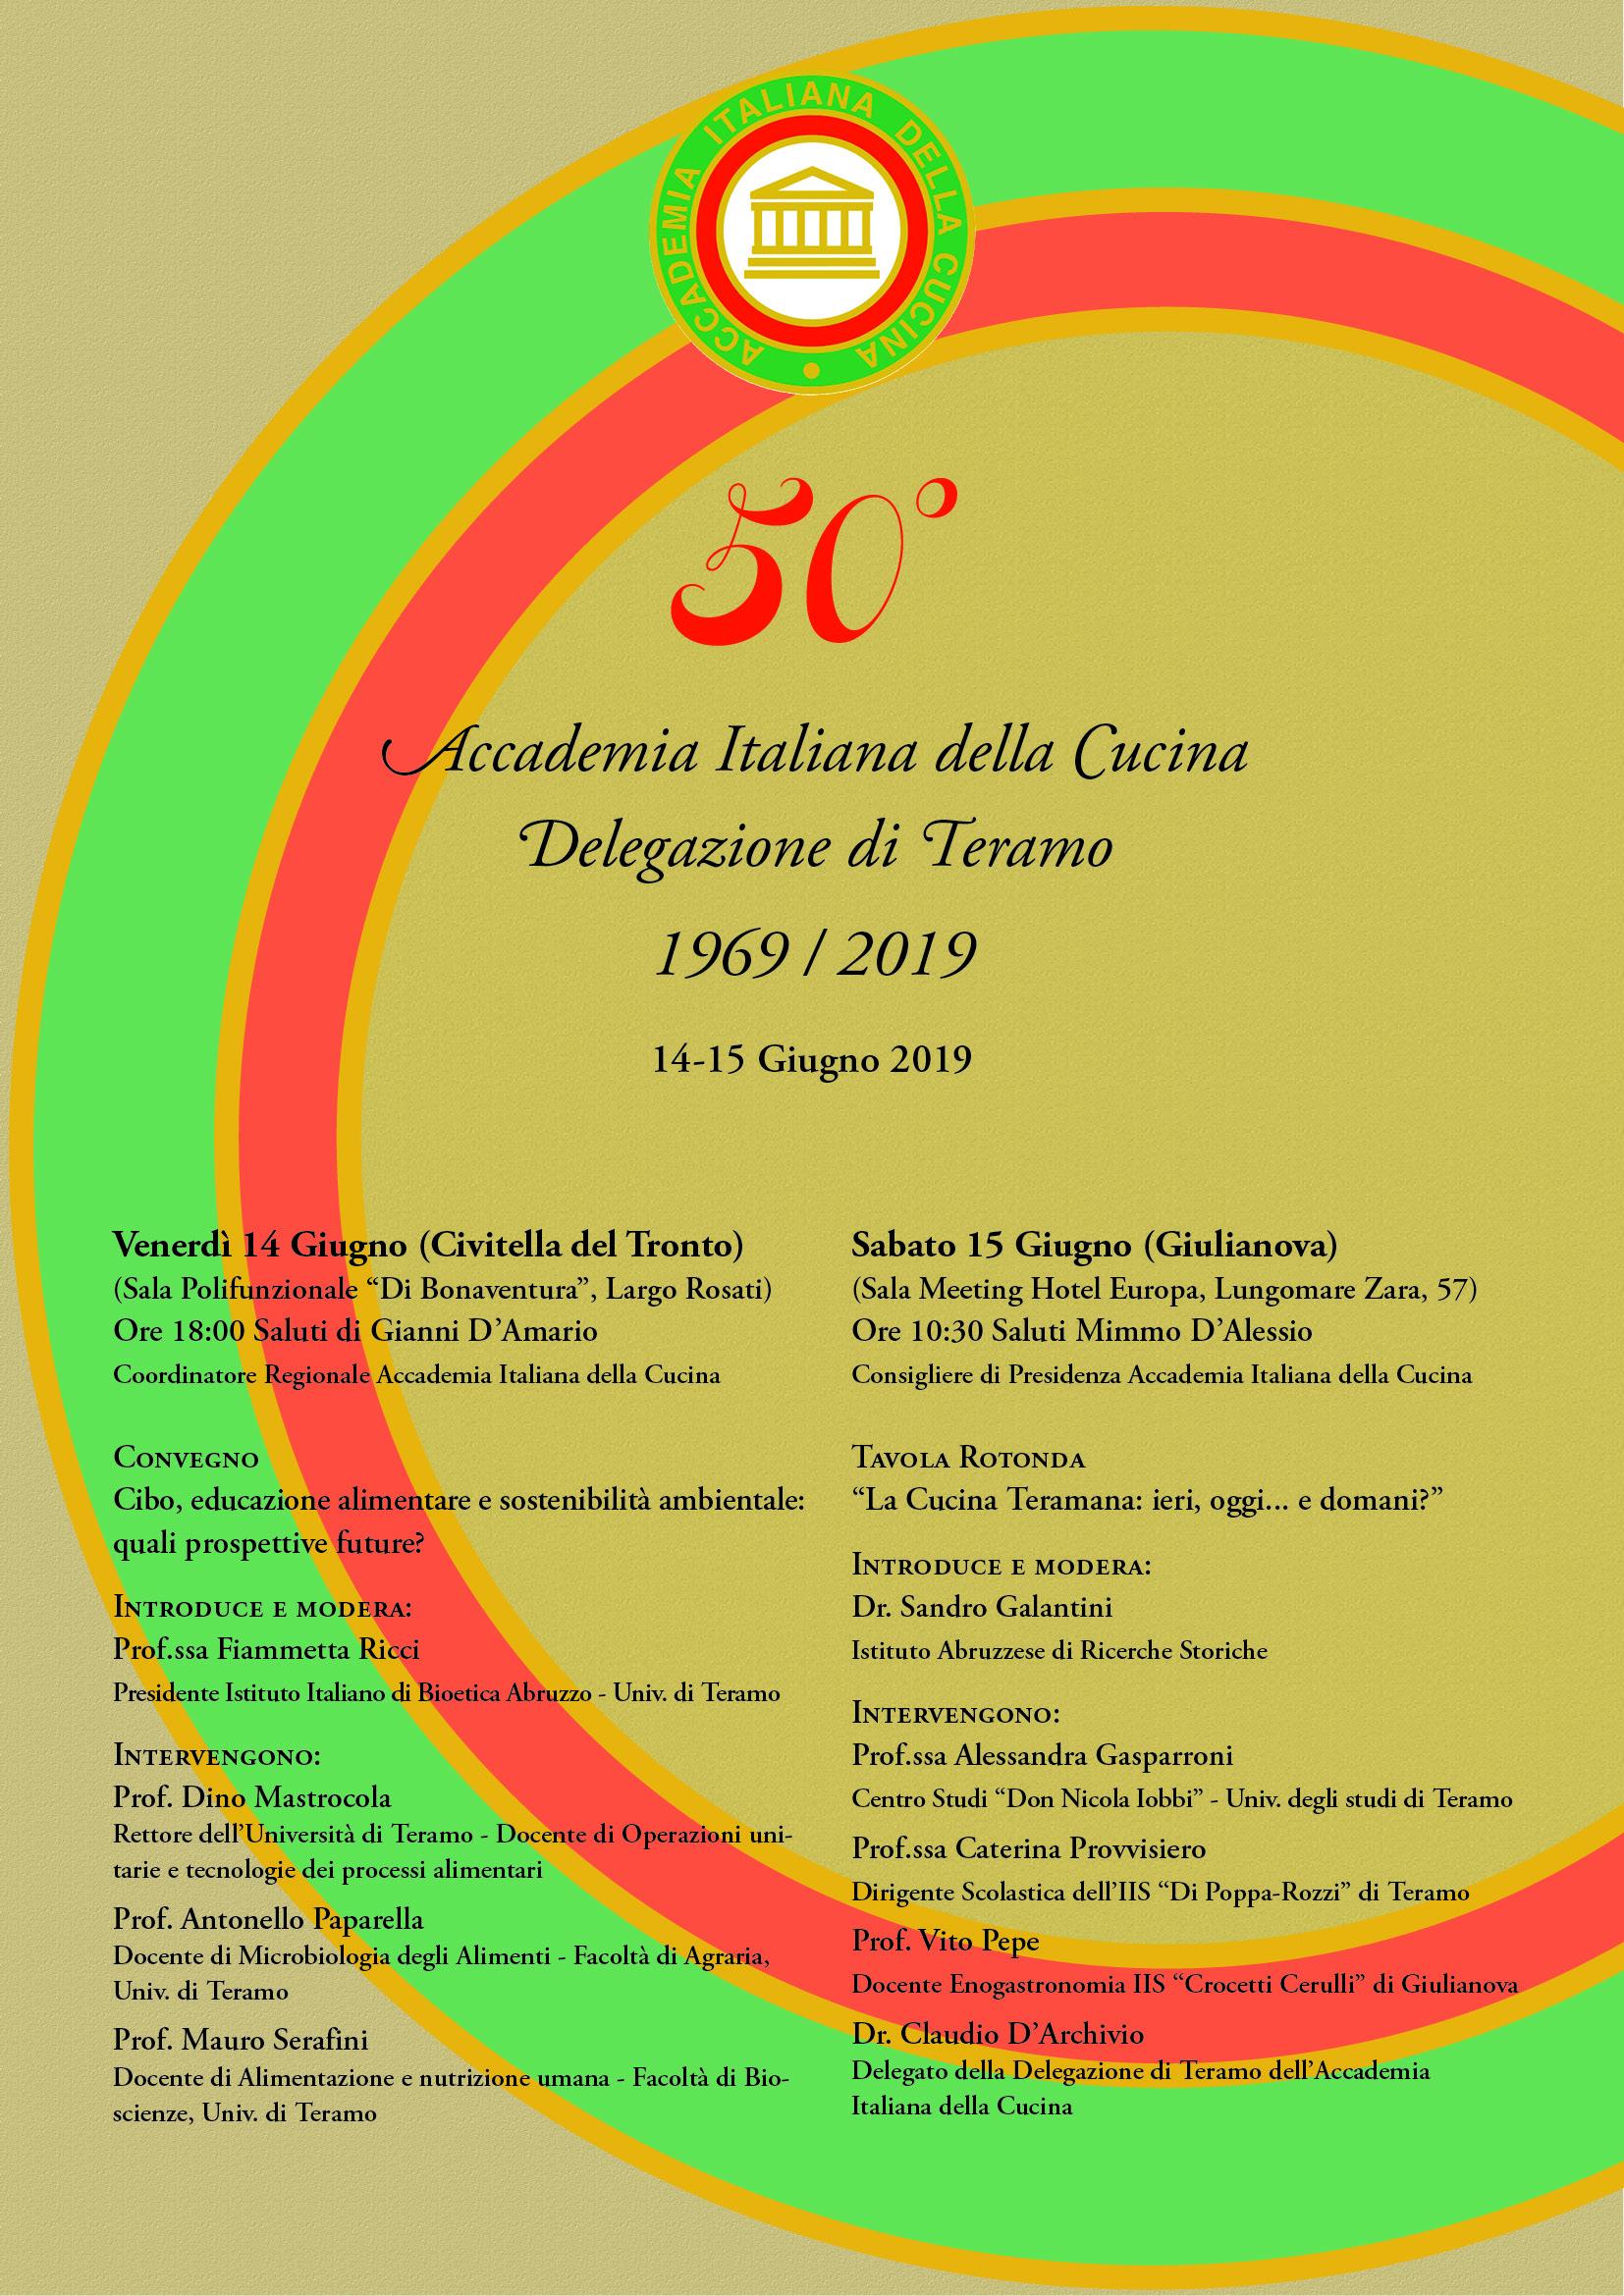 La Delegazione Di Teramo Dell Accademia Italiana Della Cucina Celebra Il Cinquantennale In Due Eventi Ultime Notizie Cityrumors It News Ultima Ora